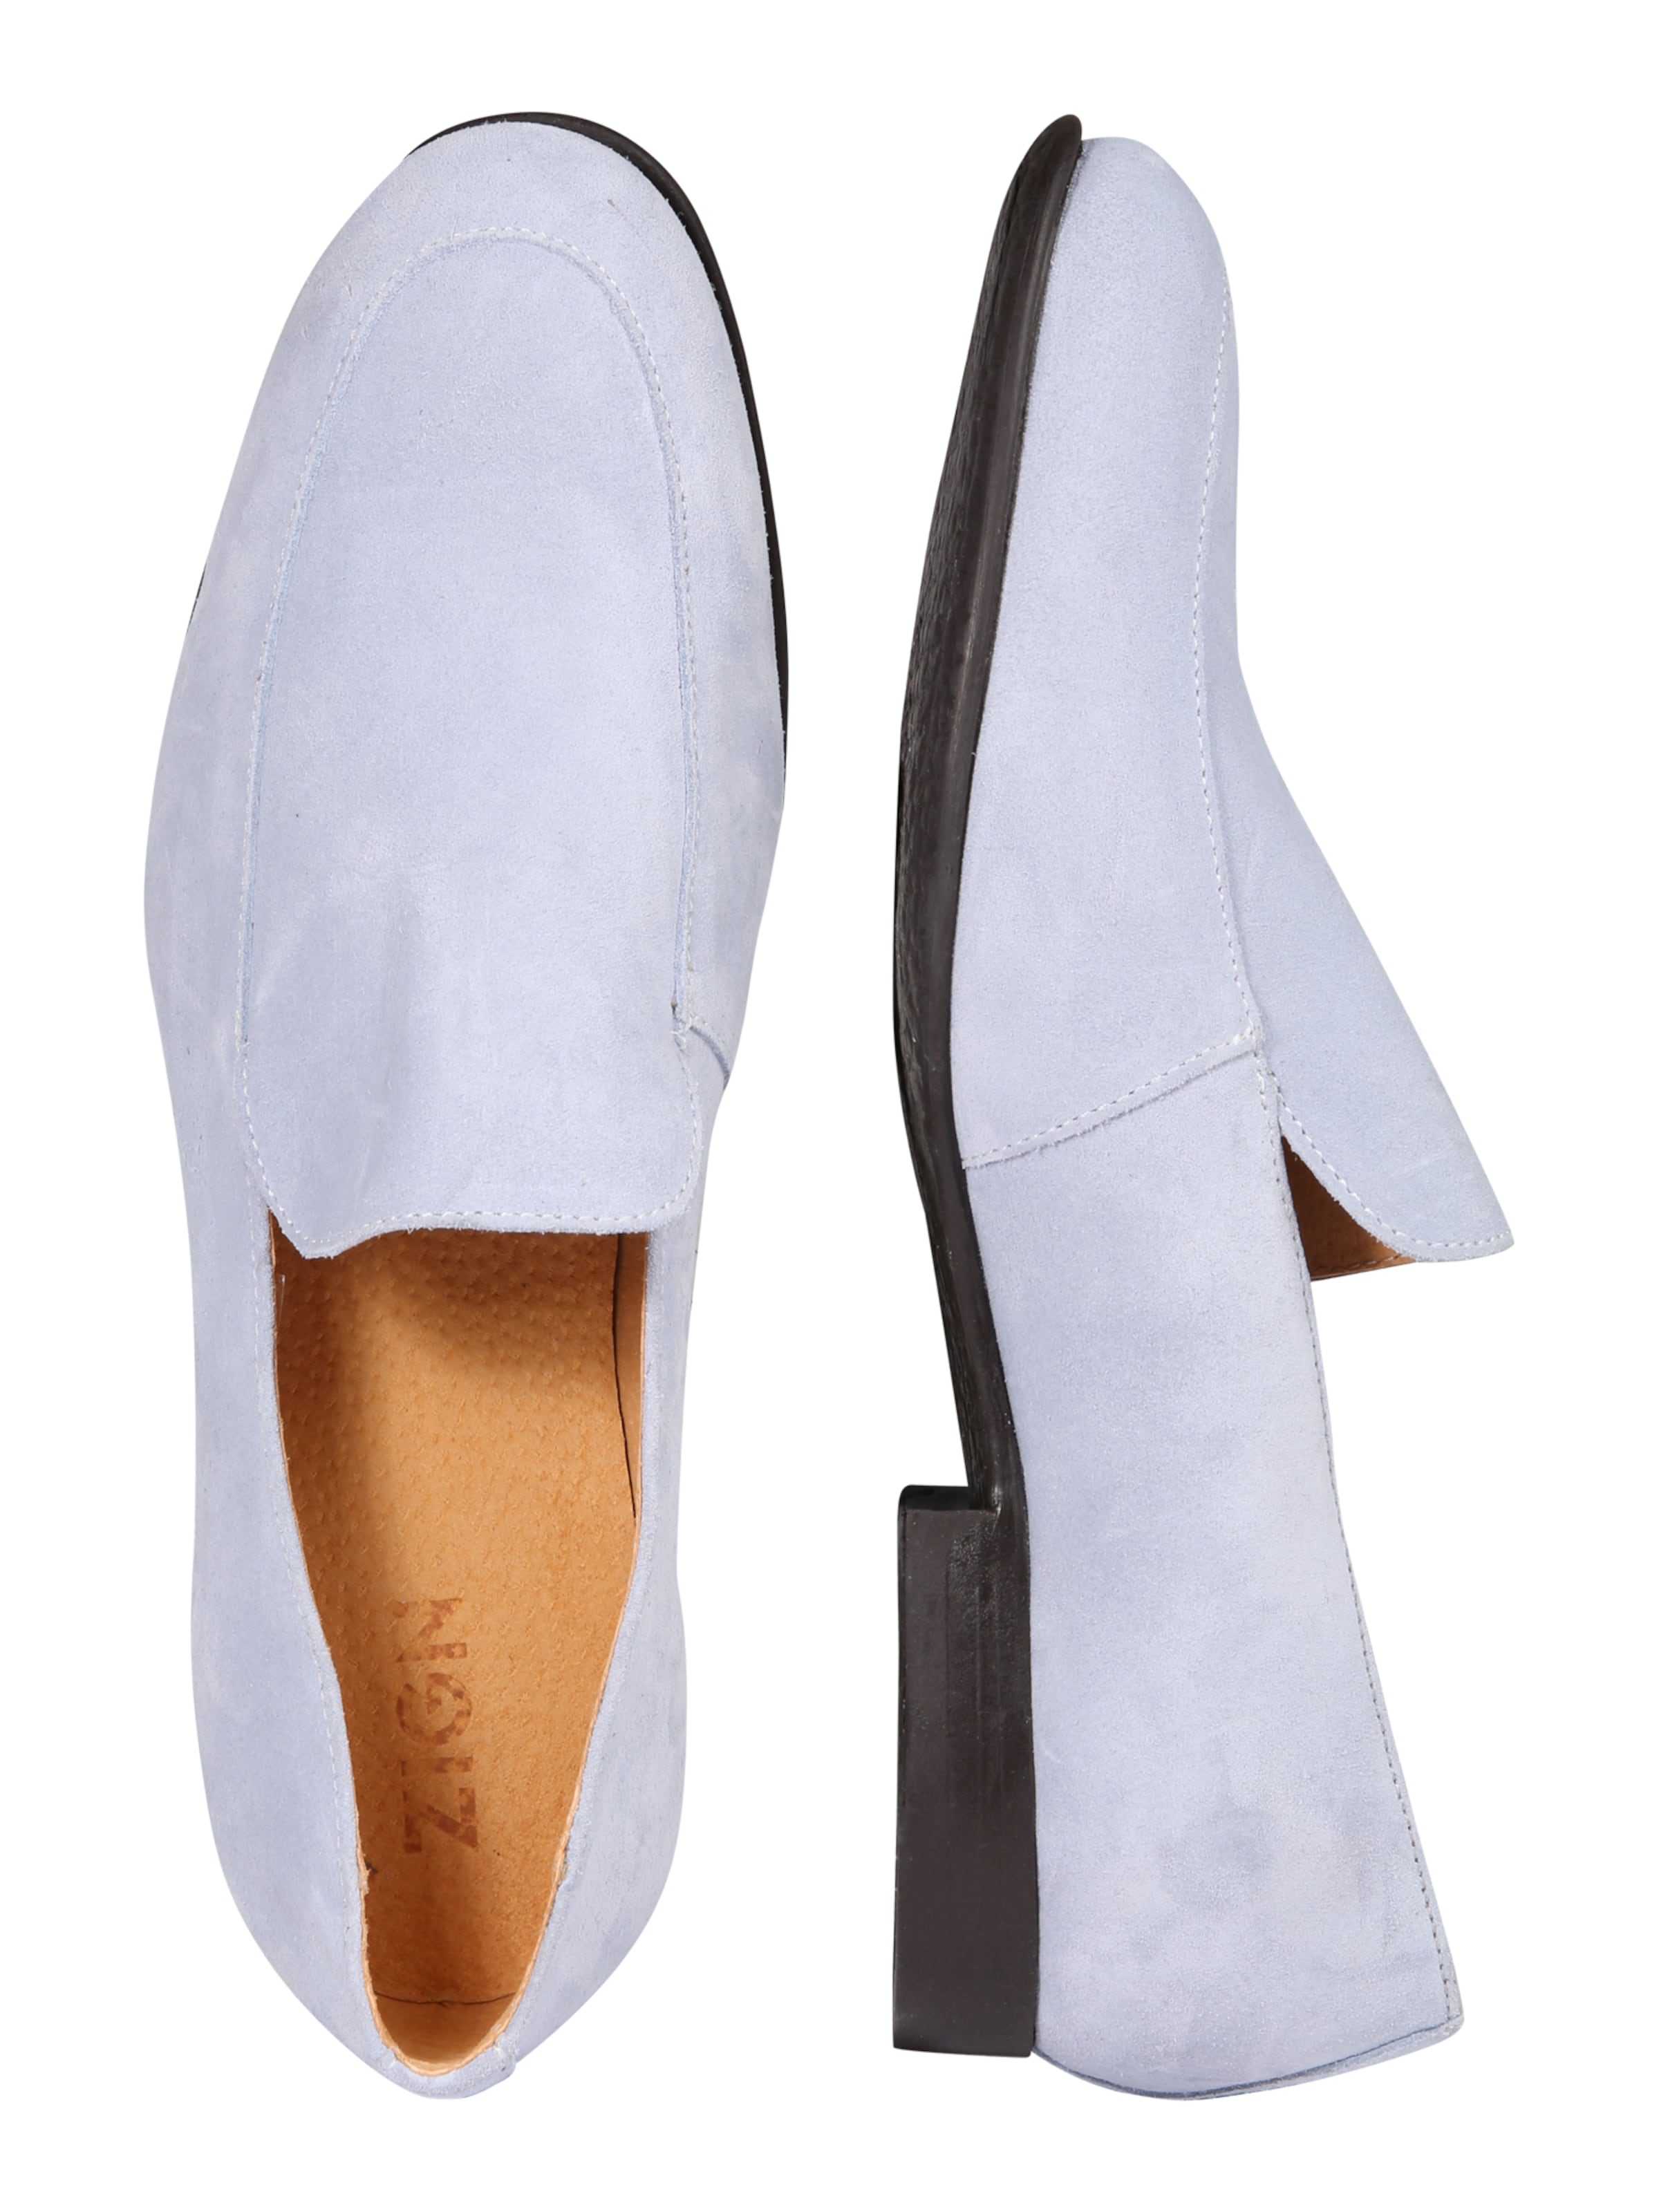 Azur In Halbschuhe Zign Halbschuhe Azur 'loafers' In Halbschuhe 'loafers' Zign Zign 'loafers' 1F3ulcTJK